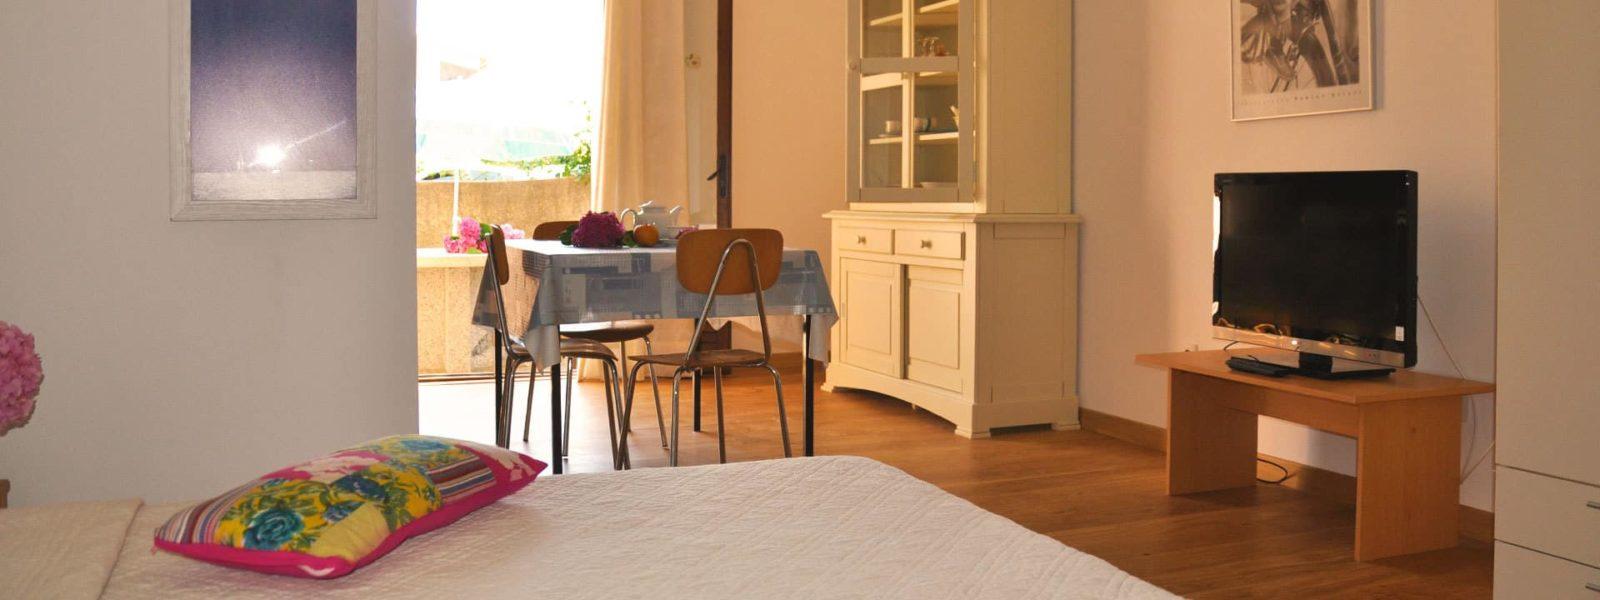 Location studio pour 2 en Corse du Sud - Le Rosier, Casa Favalella